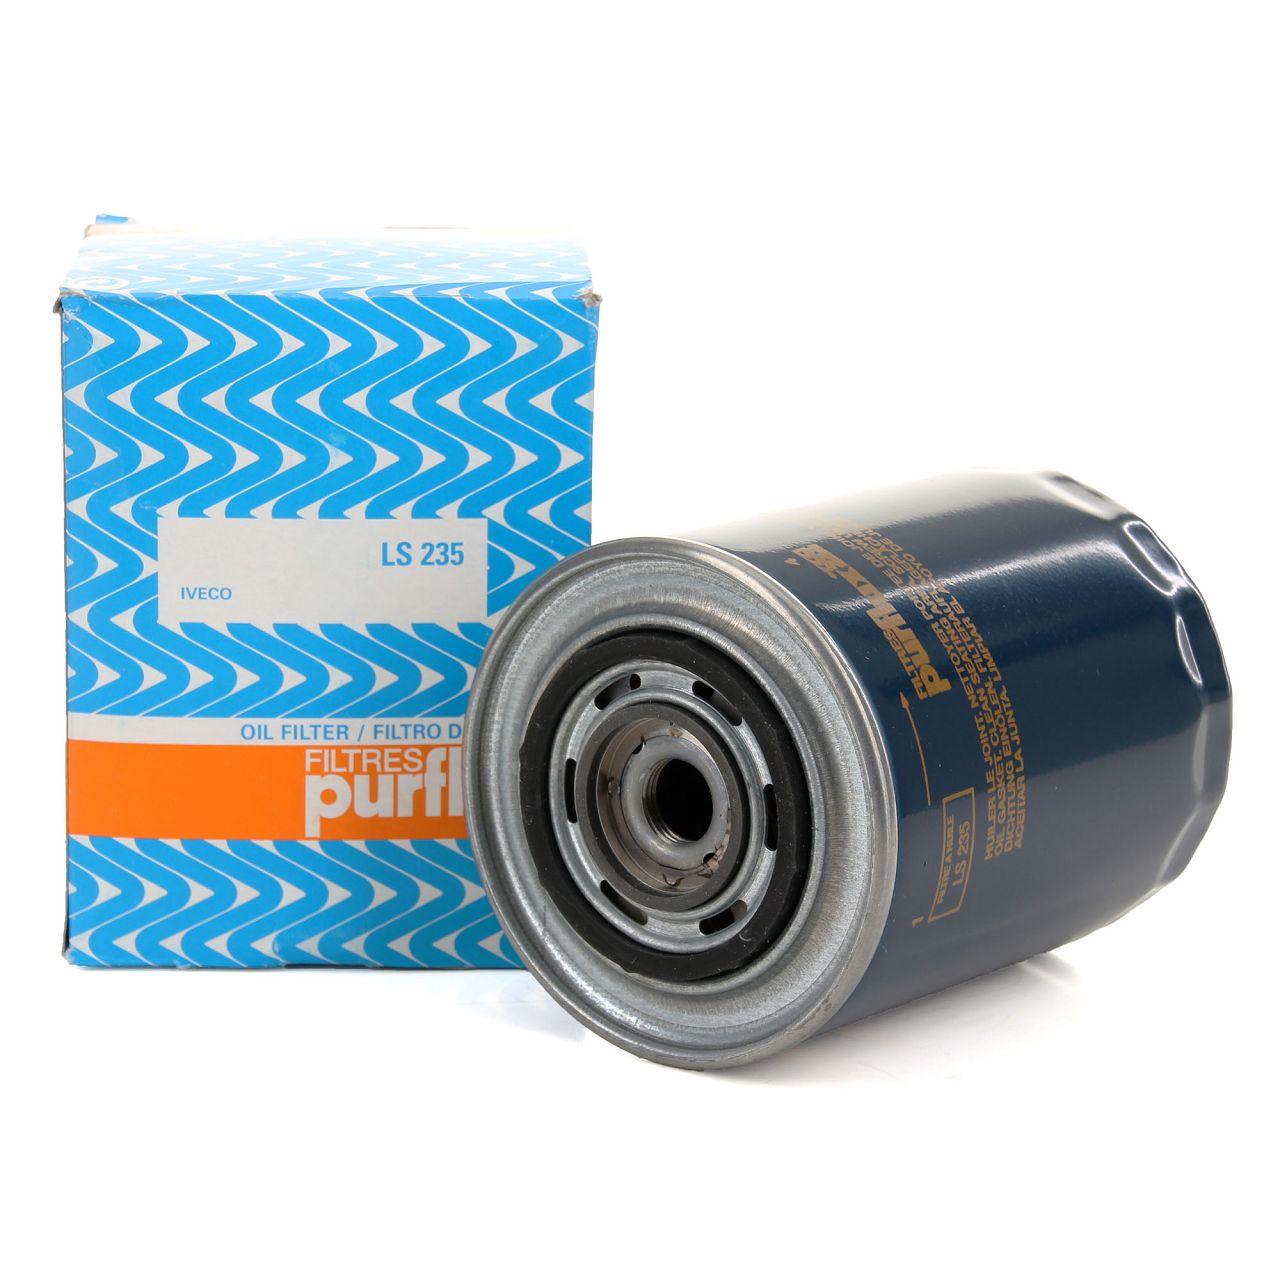 PURFLUX LS235 Ölfilter ALFA ROMEO CITROEN FIAT IVECO LANCIA OPEL PEUGEOT RENAULT